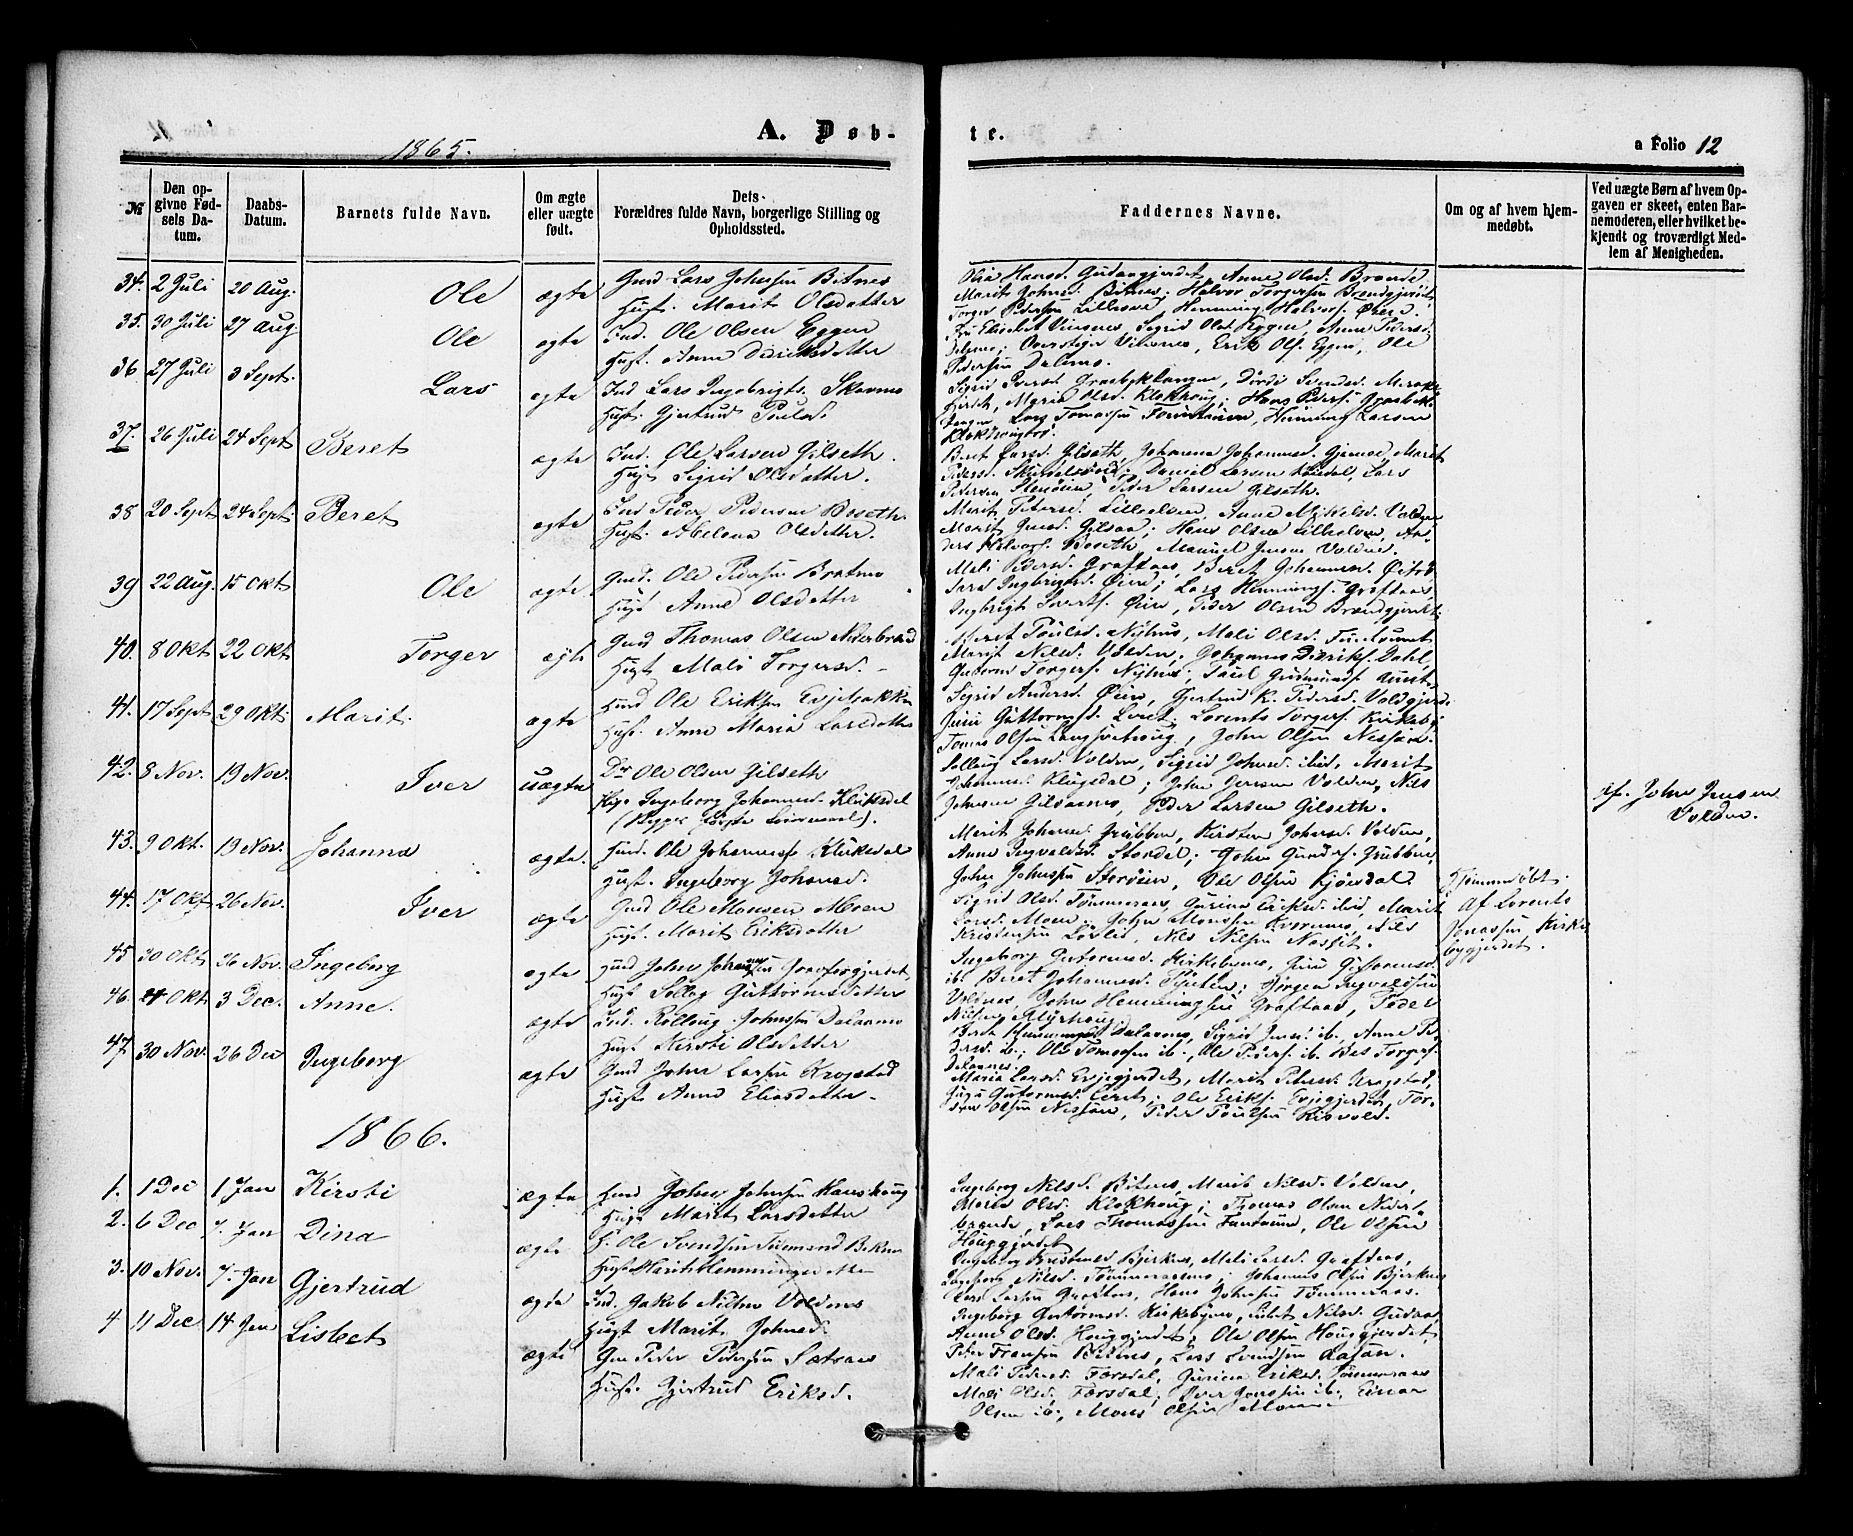 SAT, Ministerialprotokoller, klokkerbøker og fødselsregistre - Nord-Trøndelag, 706/L0041: Ministerialbok nr. 706A02, 1862-1877, s. 12